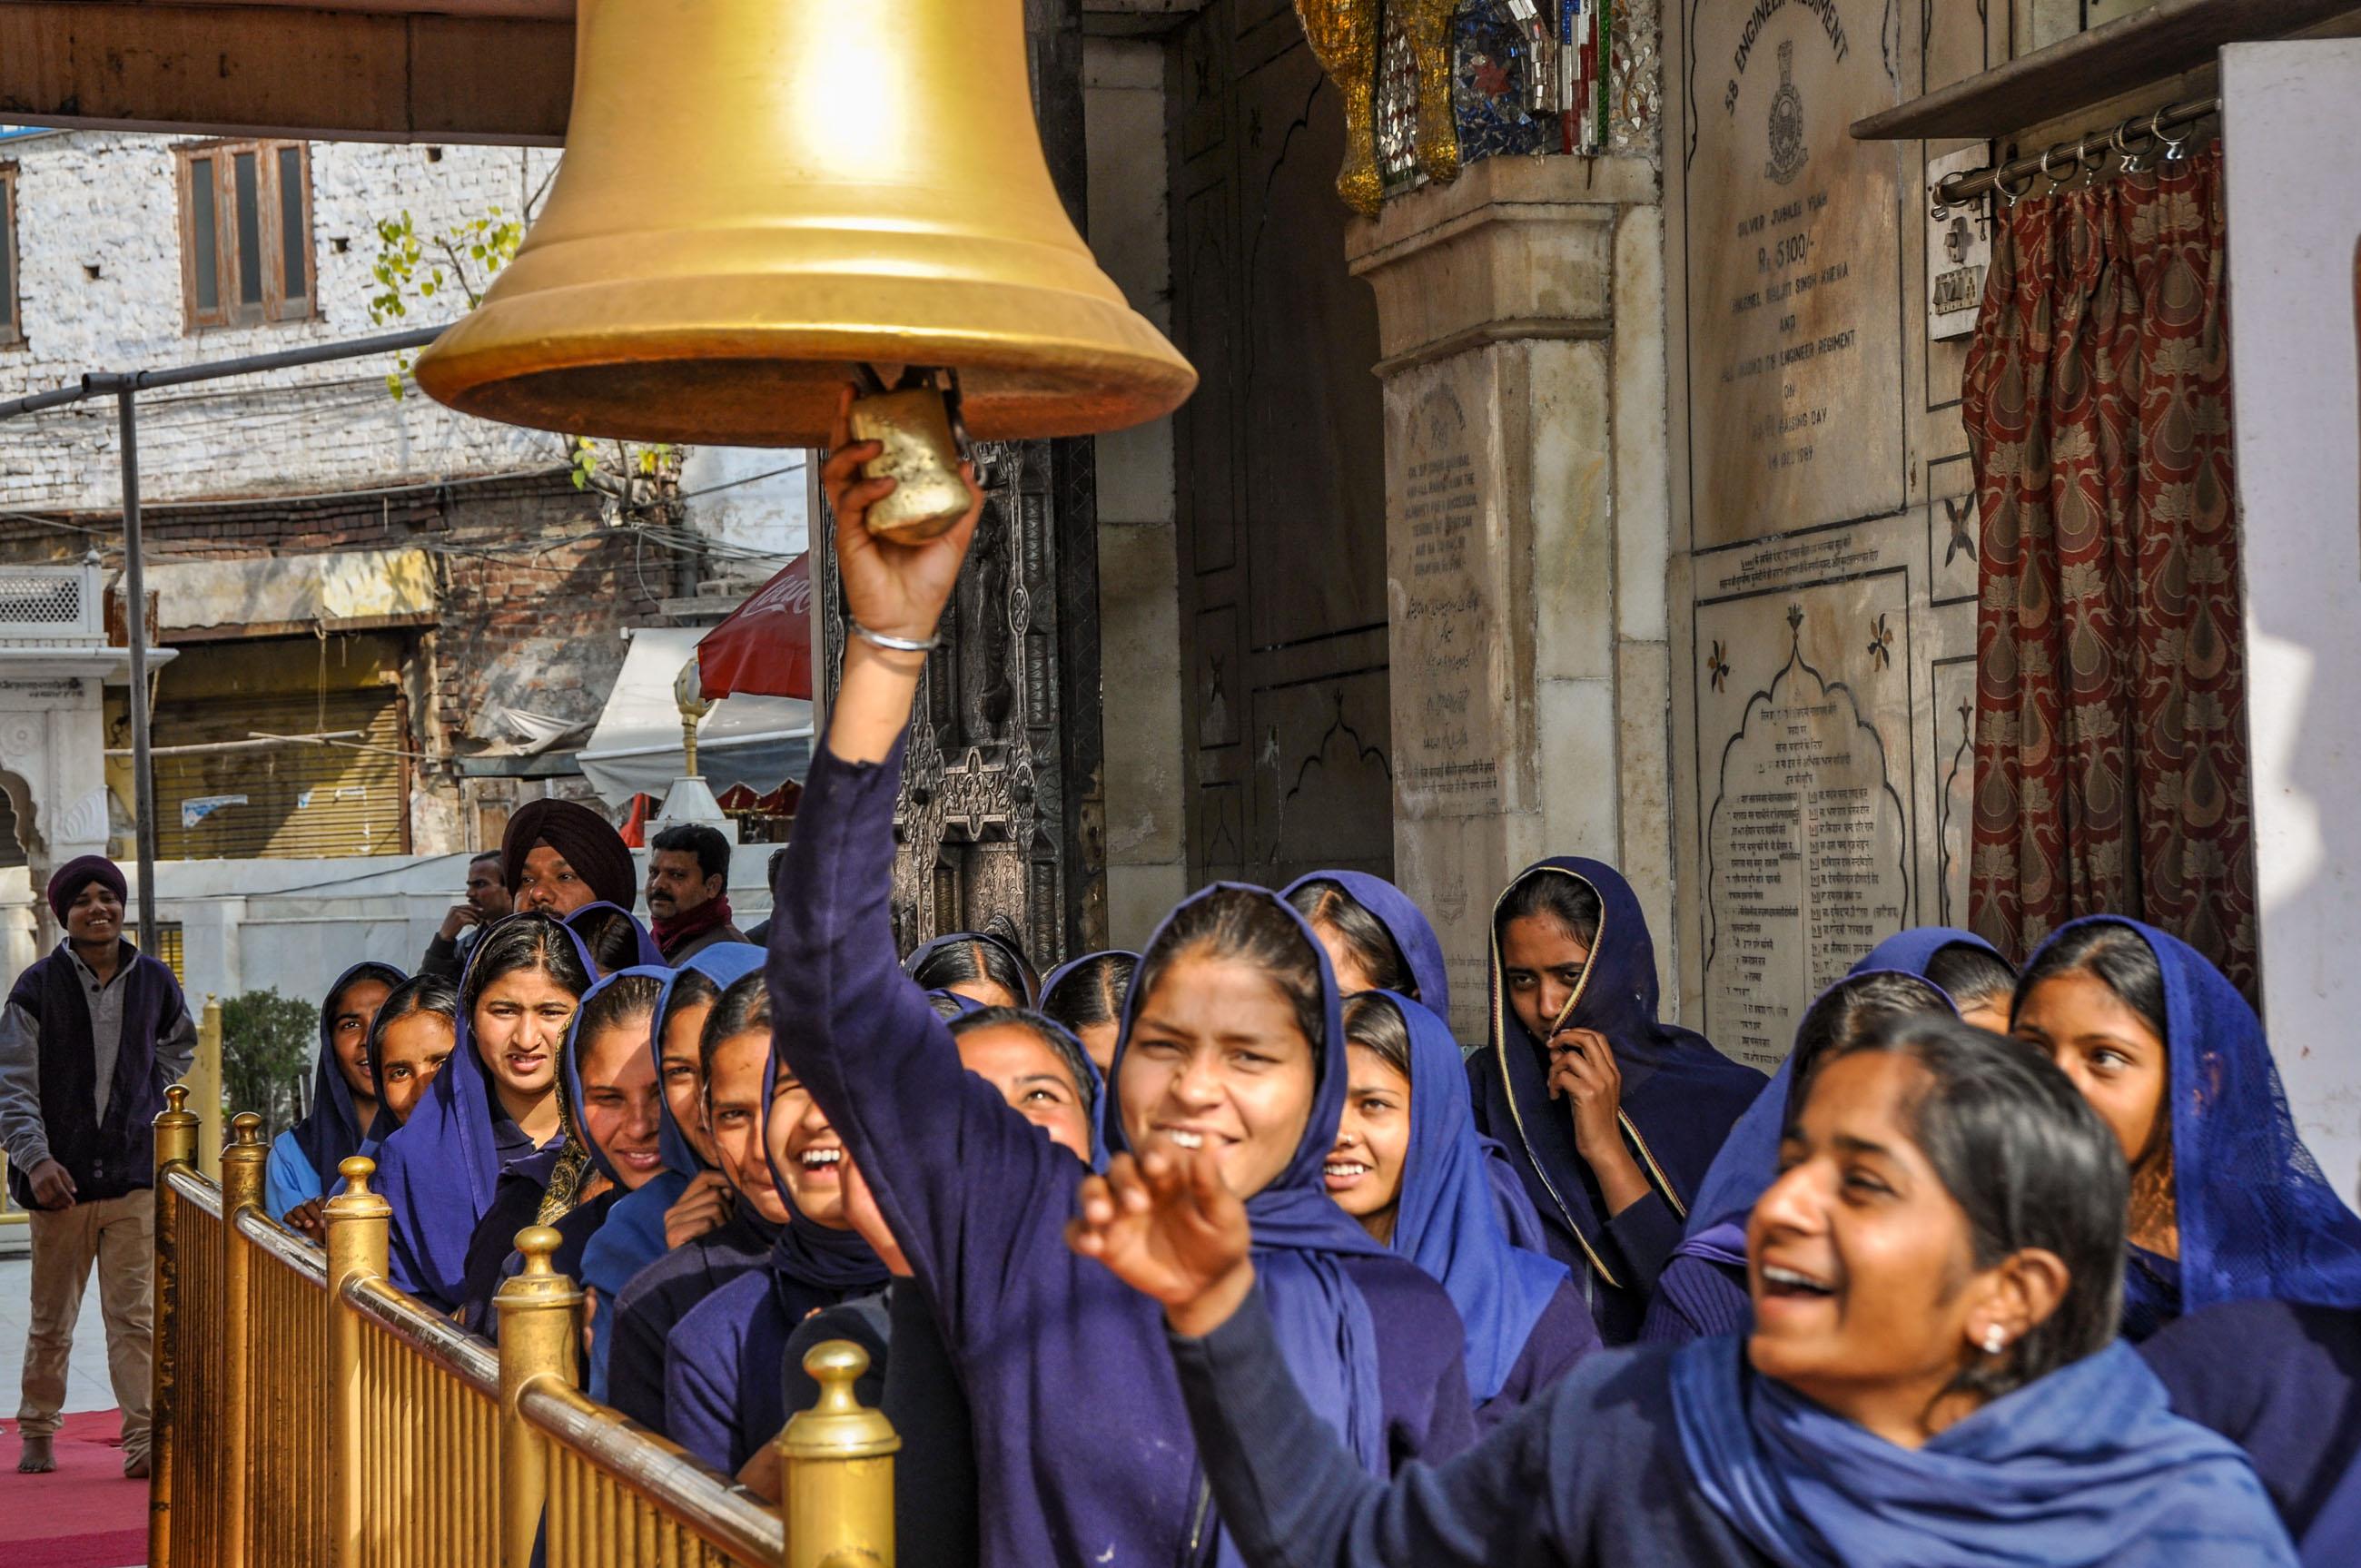 https://bubo.sk/uploads/galleries/3468/tomas_kubus_india_amritsar_dsc_0211.jpg